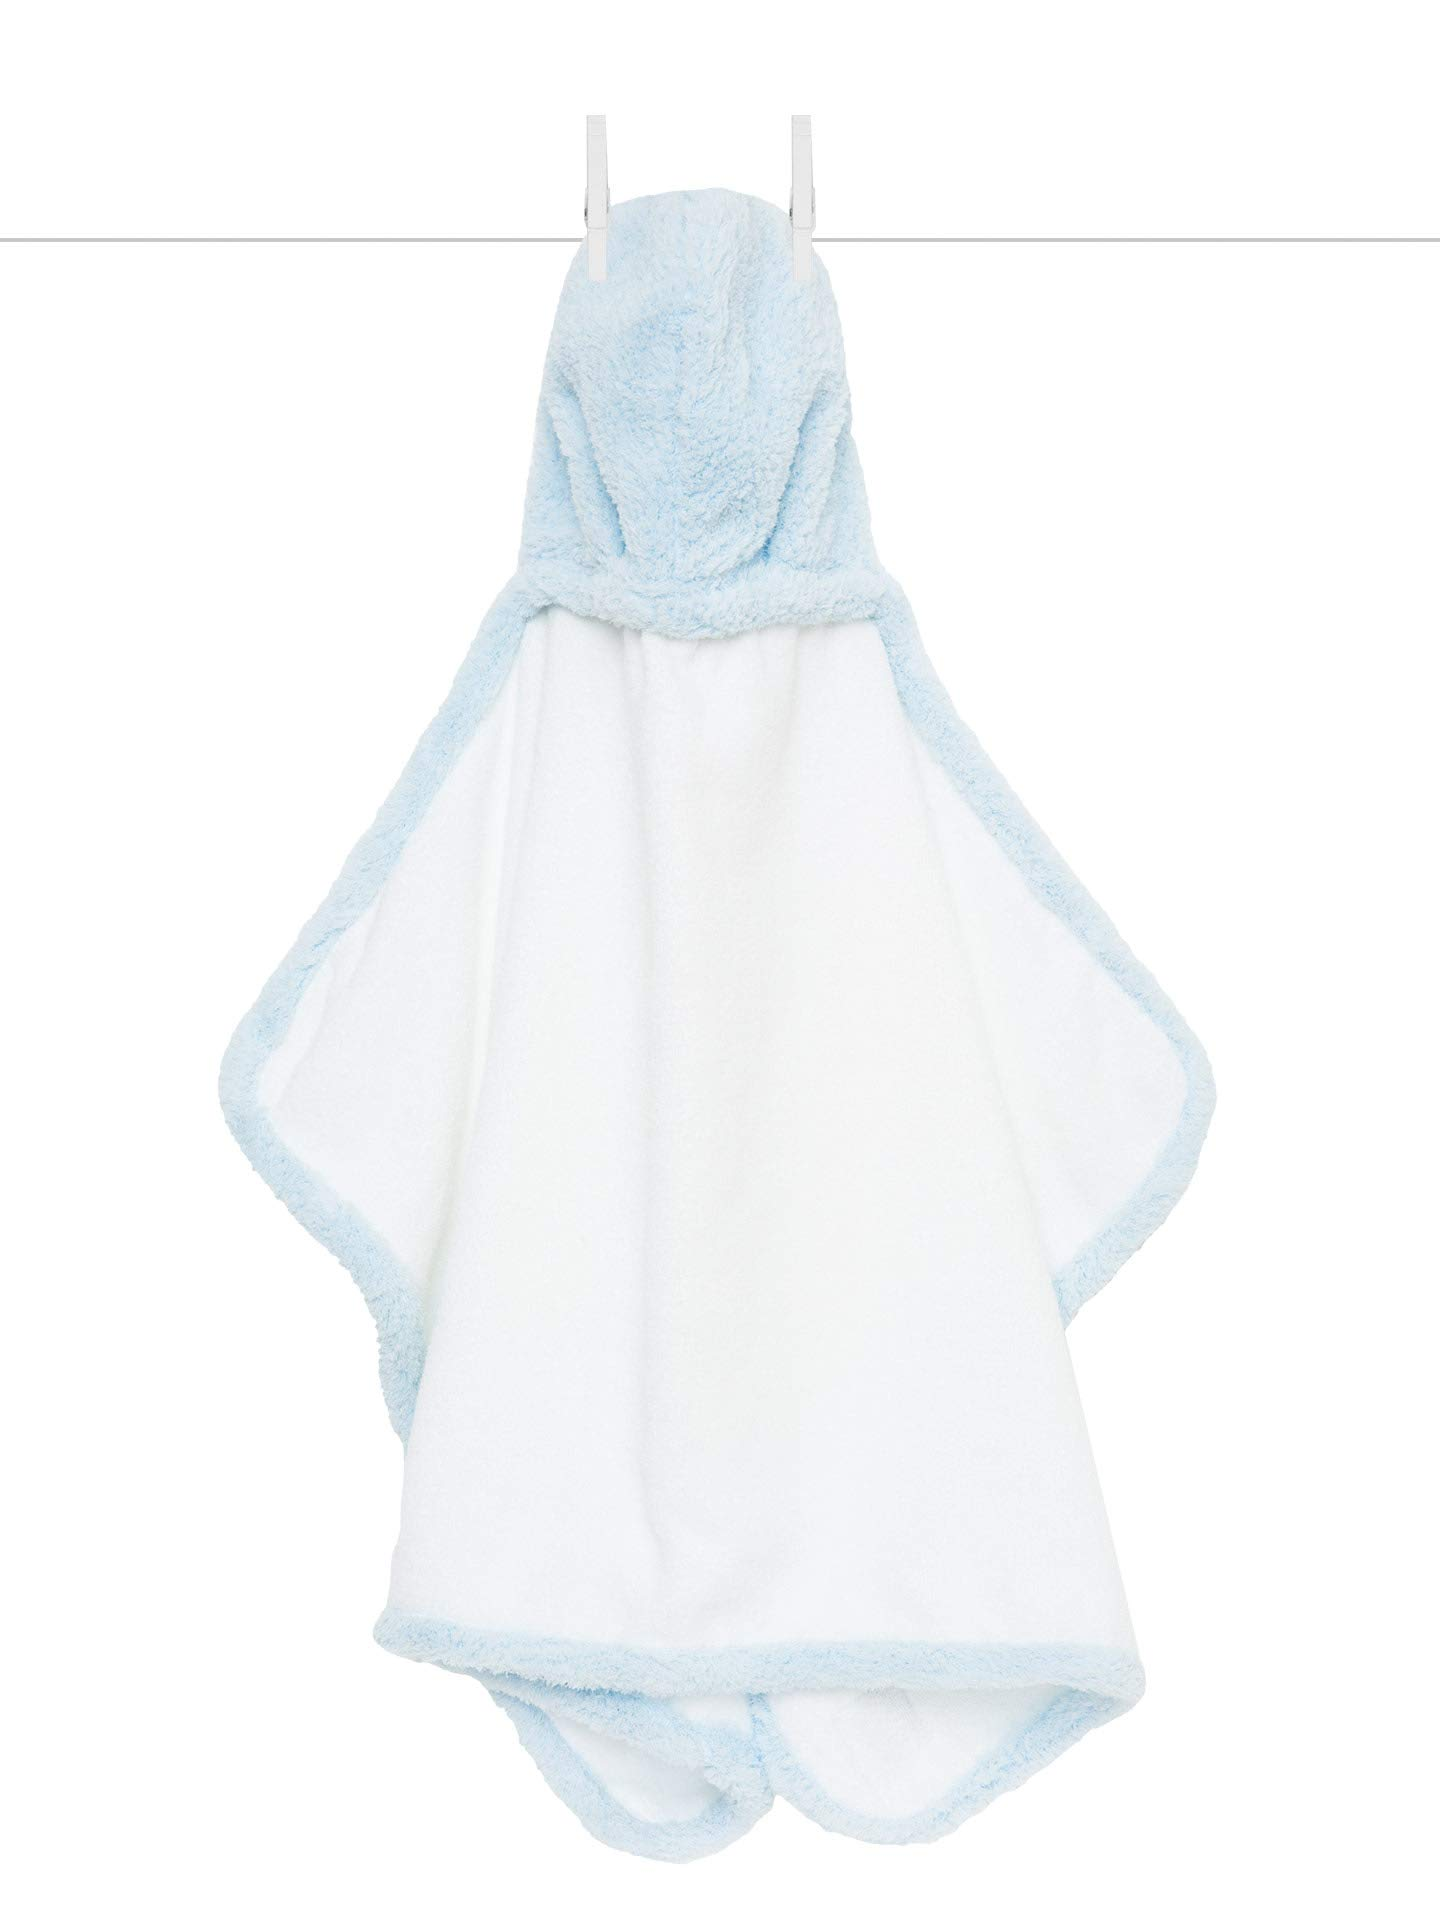 Little Giraffe Chenille Towel, 41'' X 24'', Blue by Little Giraffe